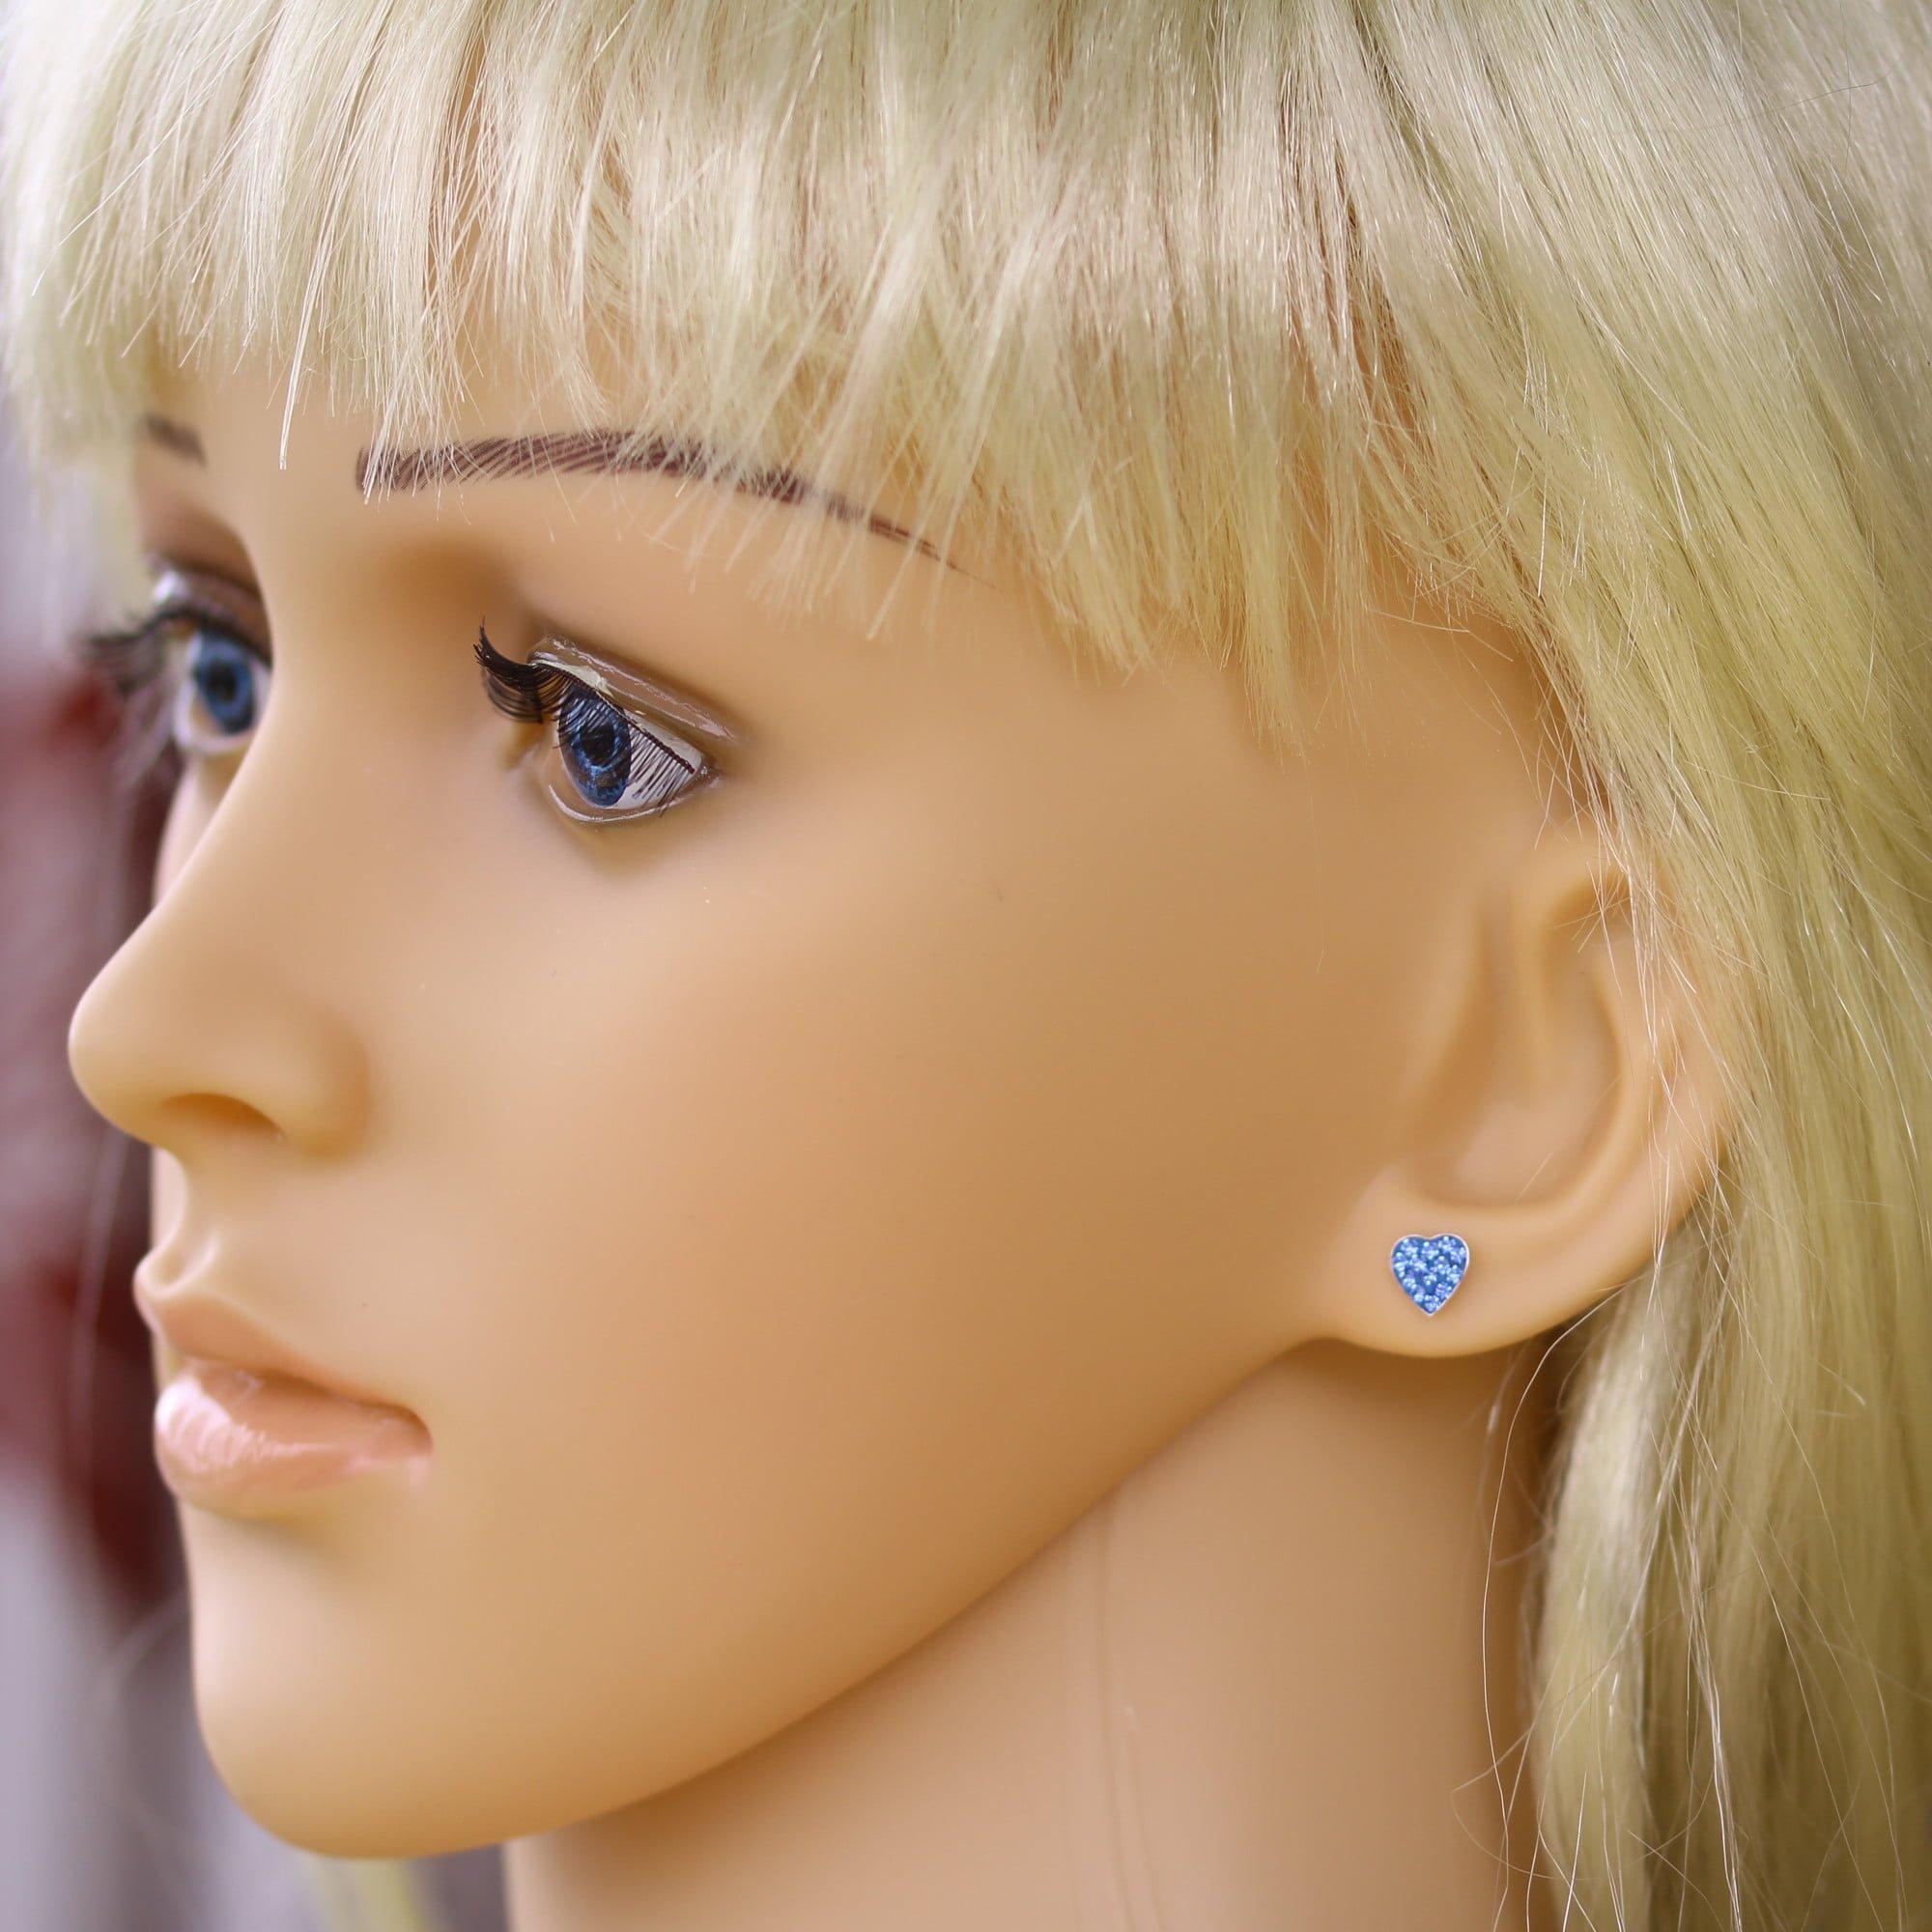 Blue crystal heart earrings in silver model